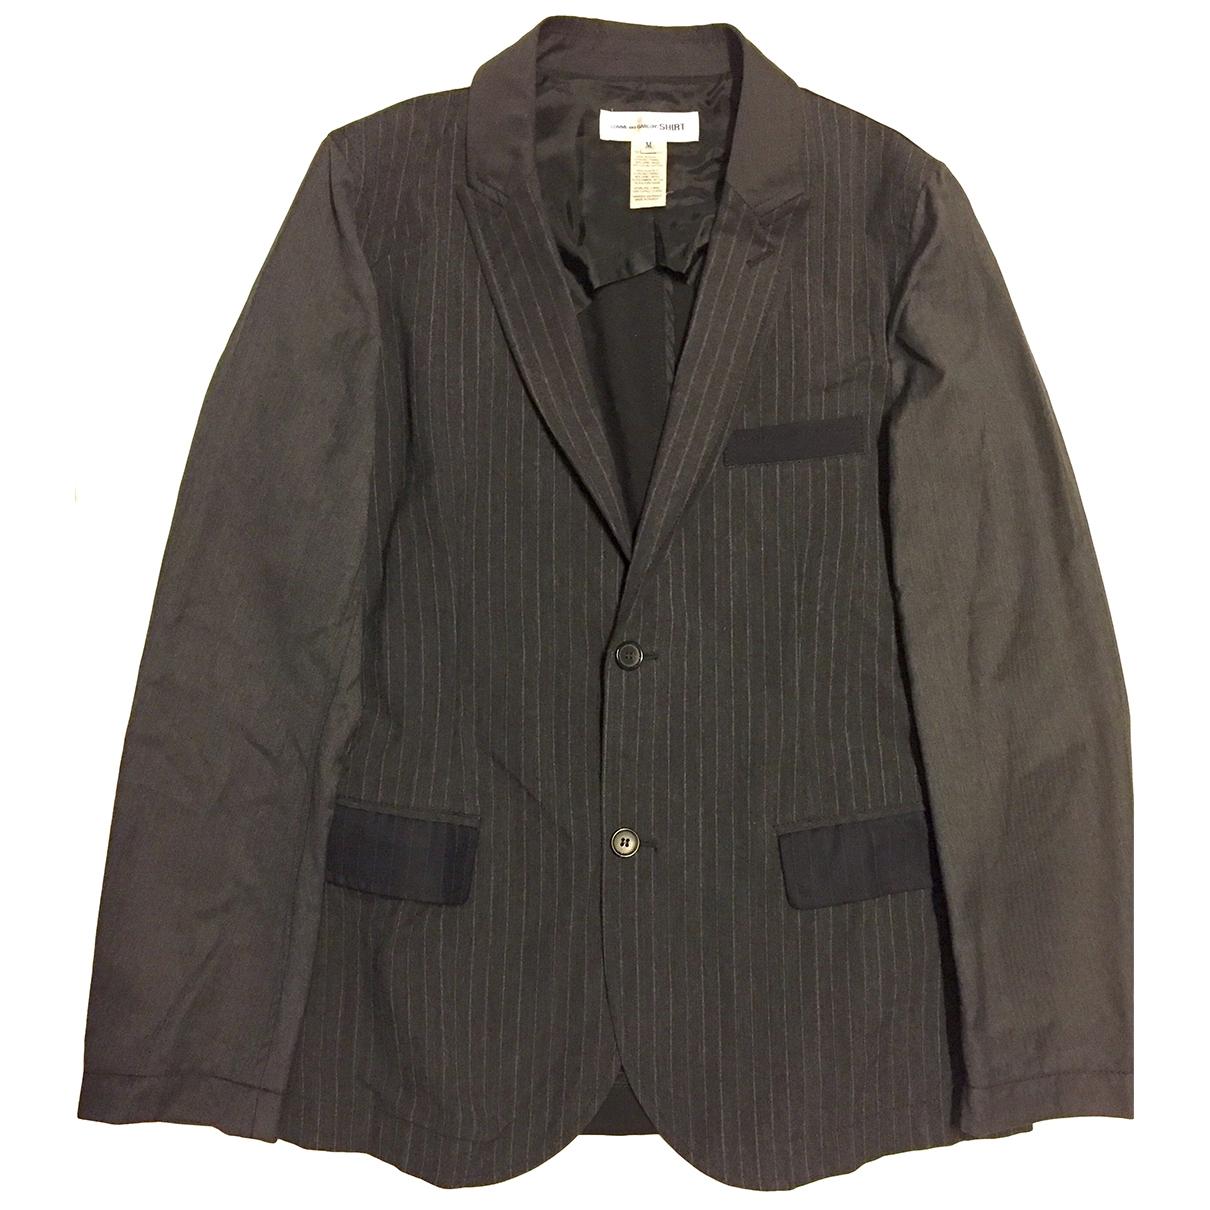 Comme Des Garcons \N Anthracite Wool jacket  for Men M International